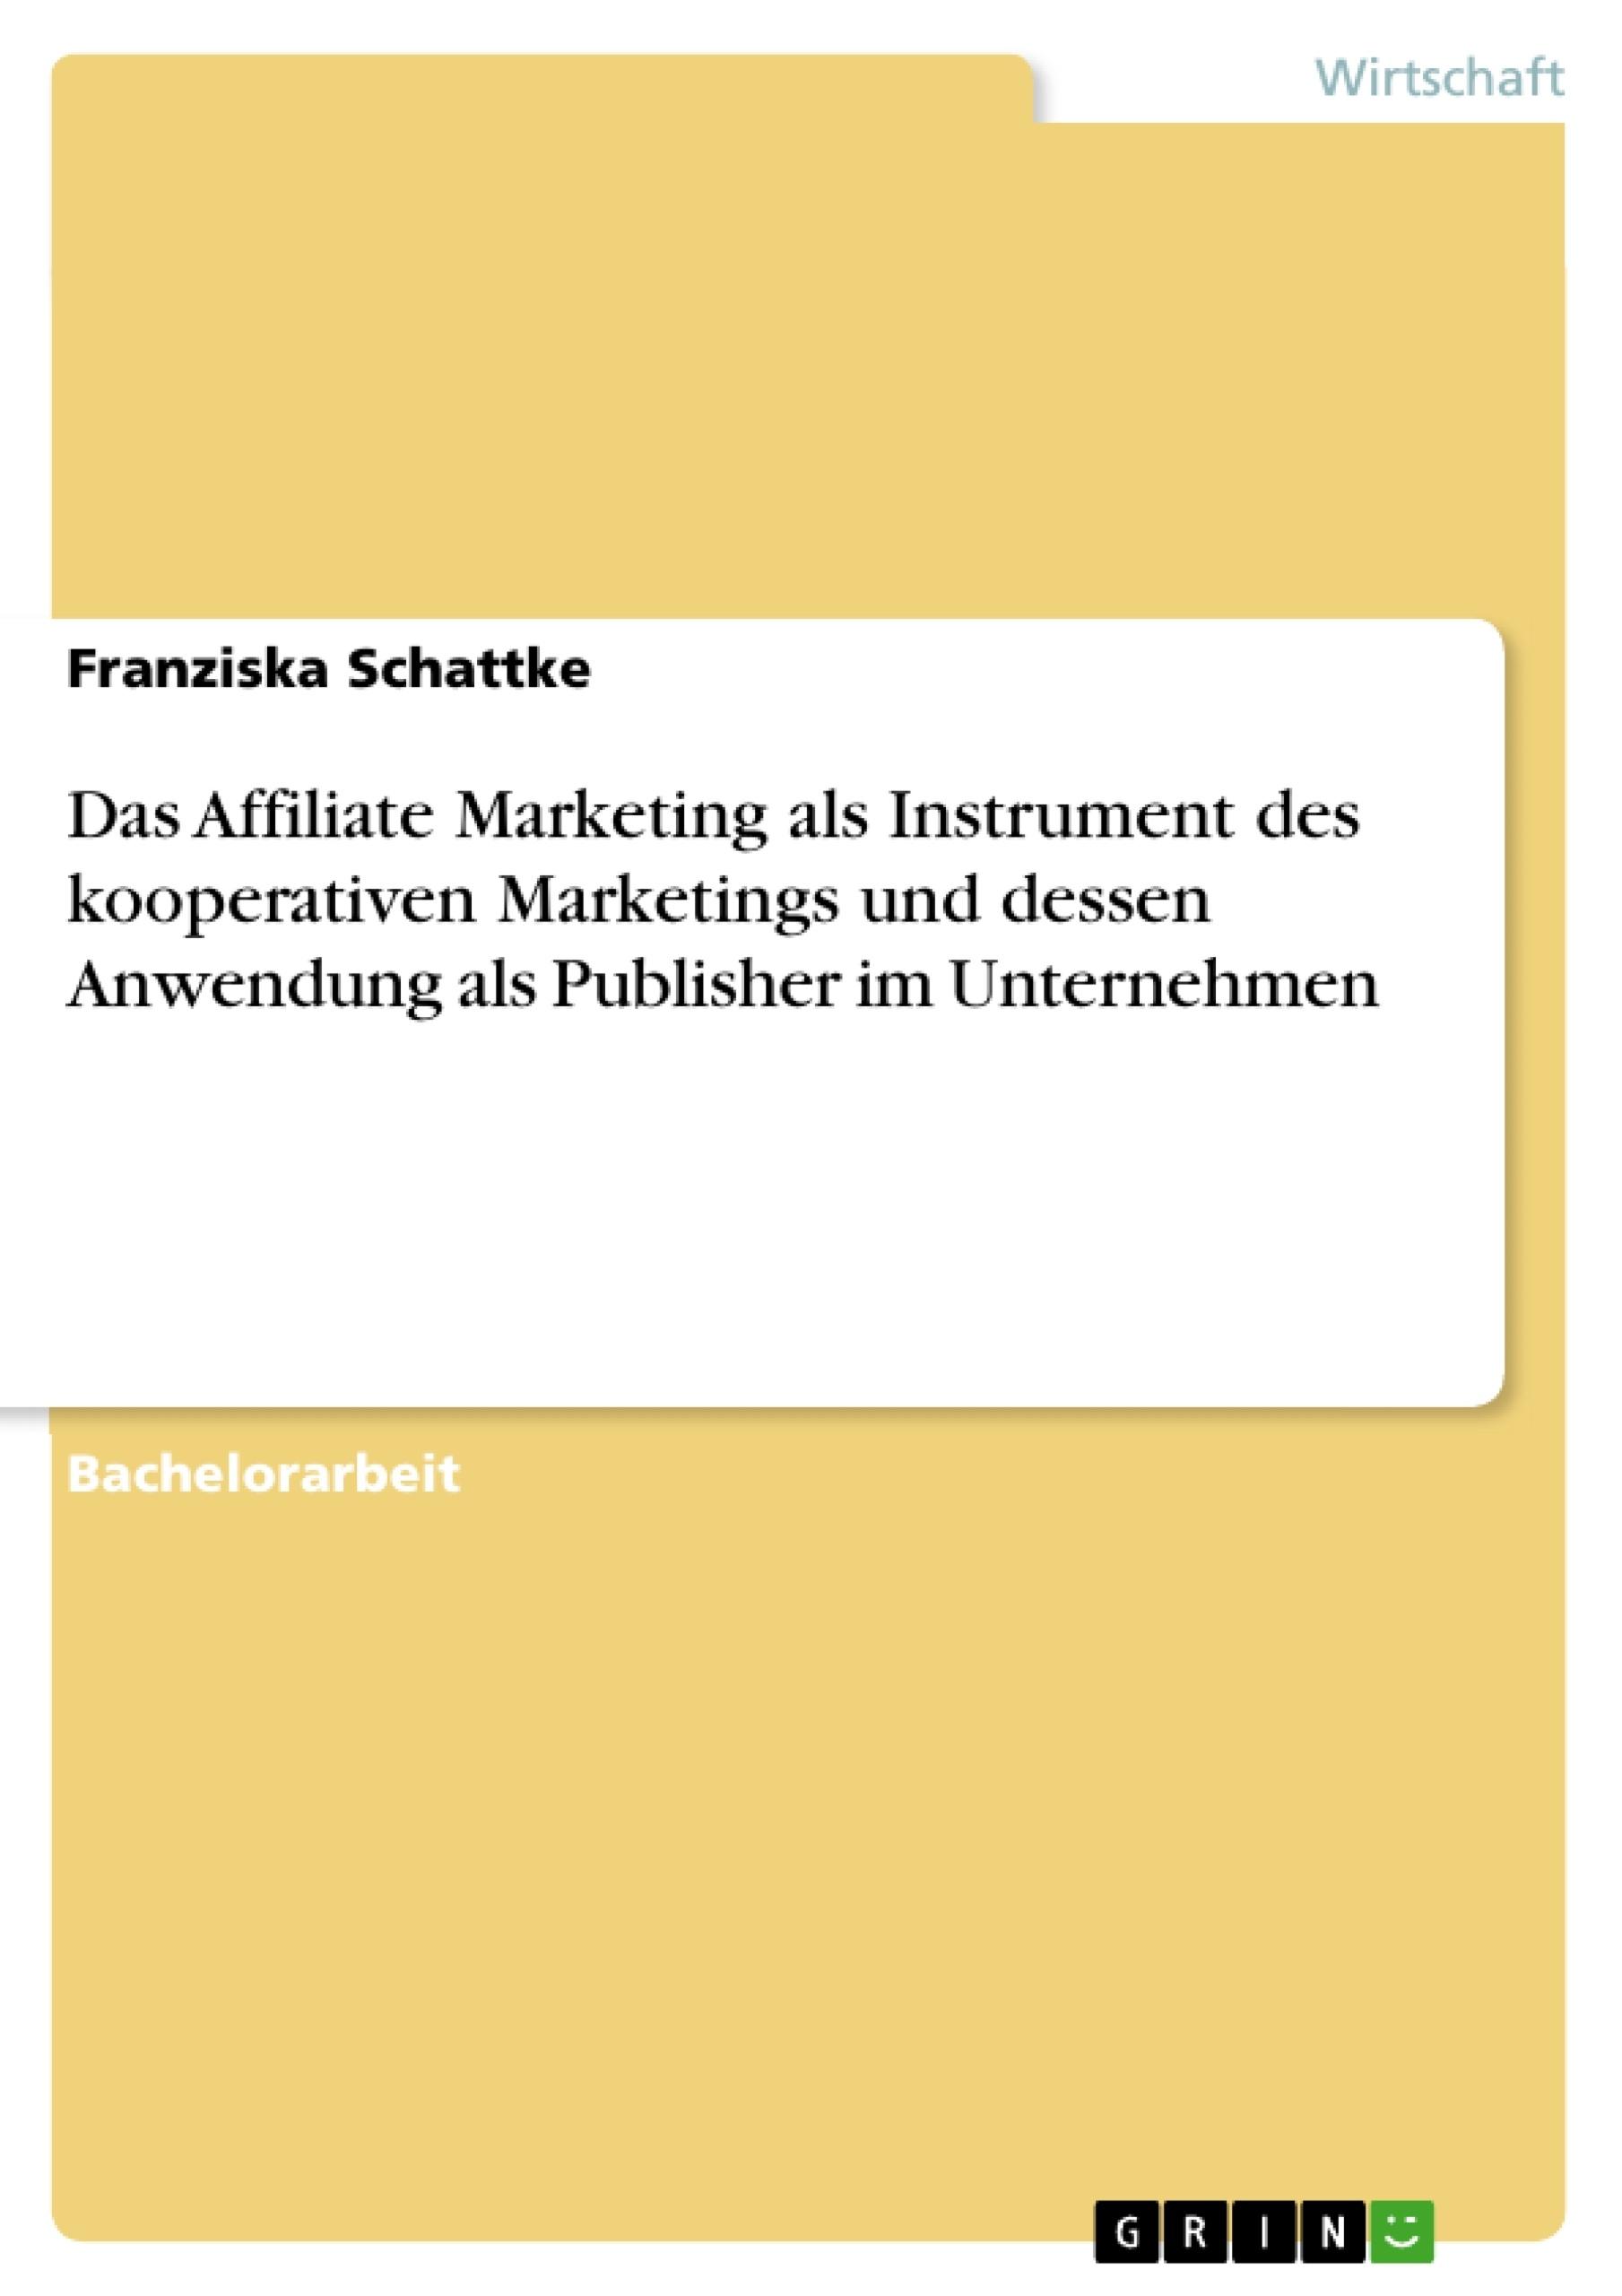 Titel: Das Affiliate Marketing als Instrument des kooperativen Marketings und dessen Anwendung als Publisher im Unternehmen